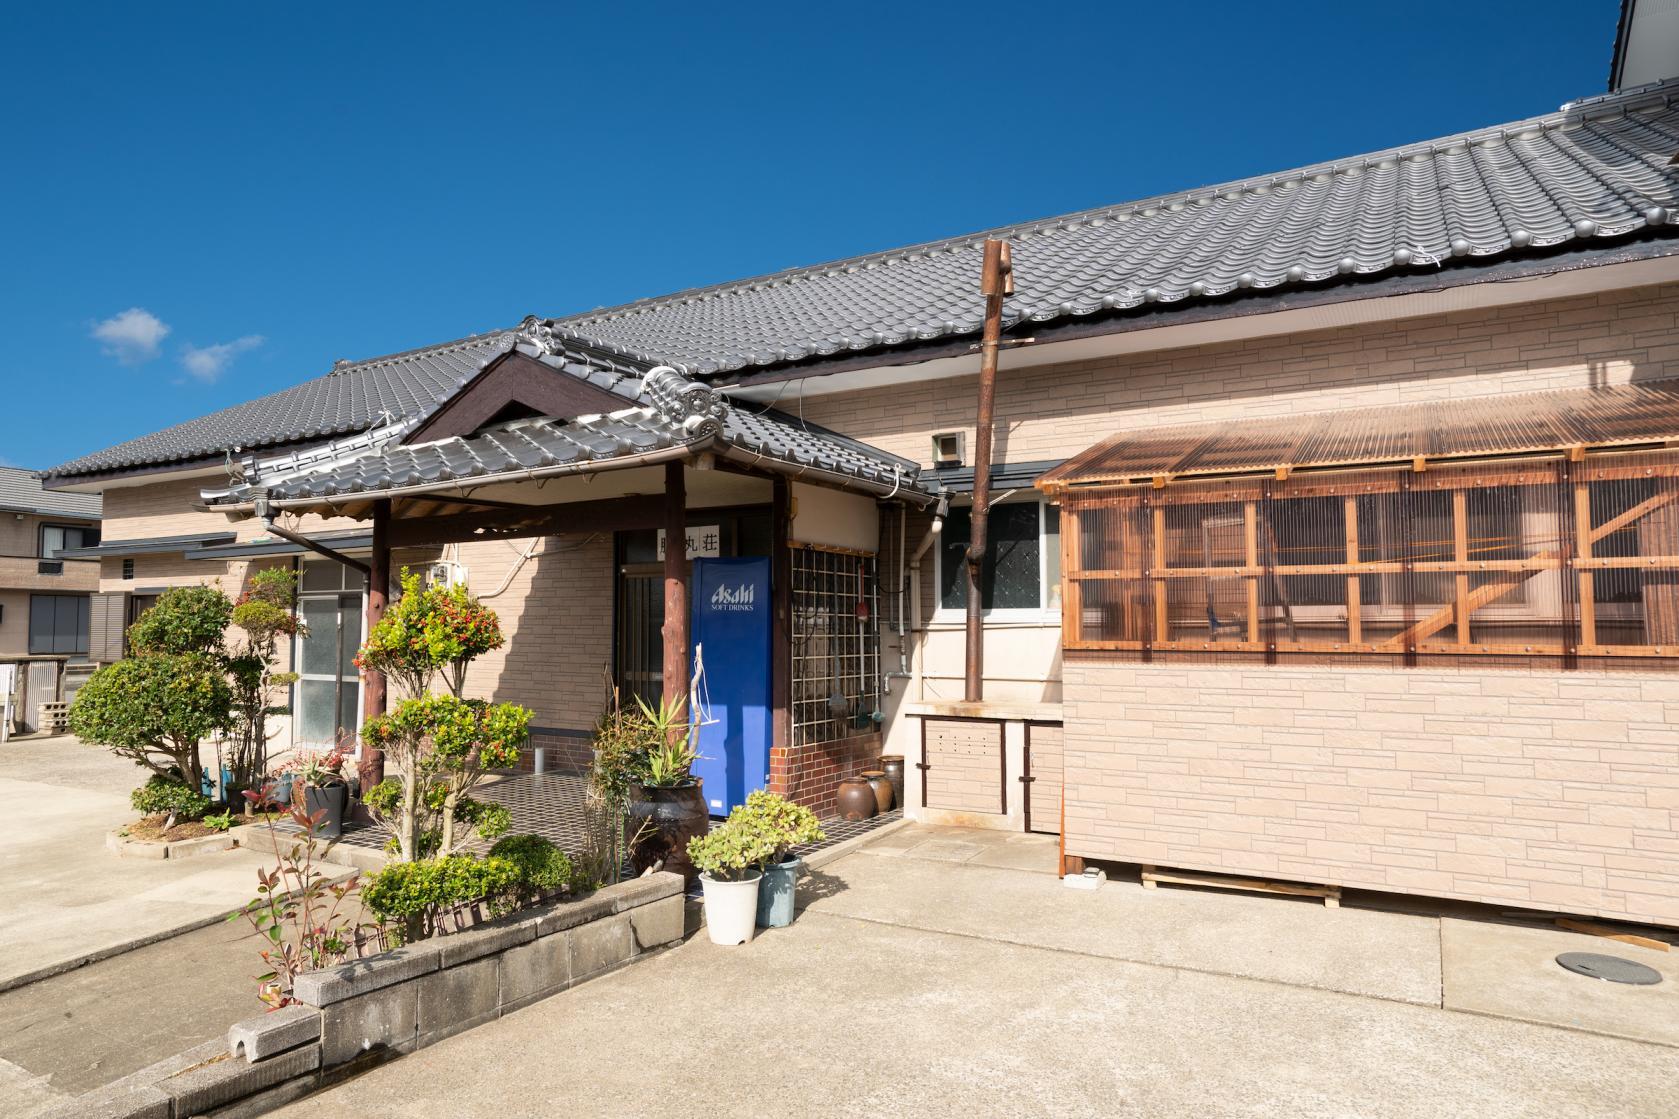 高級温泉宿から海辺のキャンプ場までバリエーション豊かな宿泊施設-5